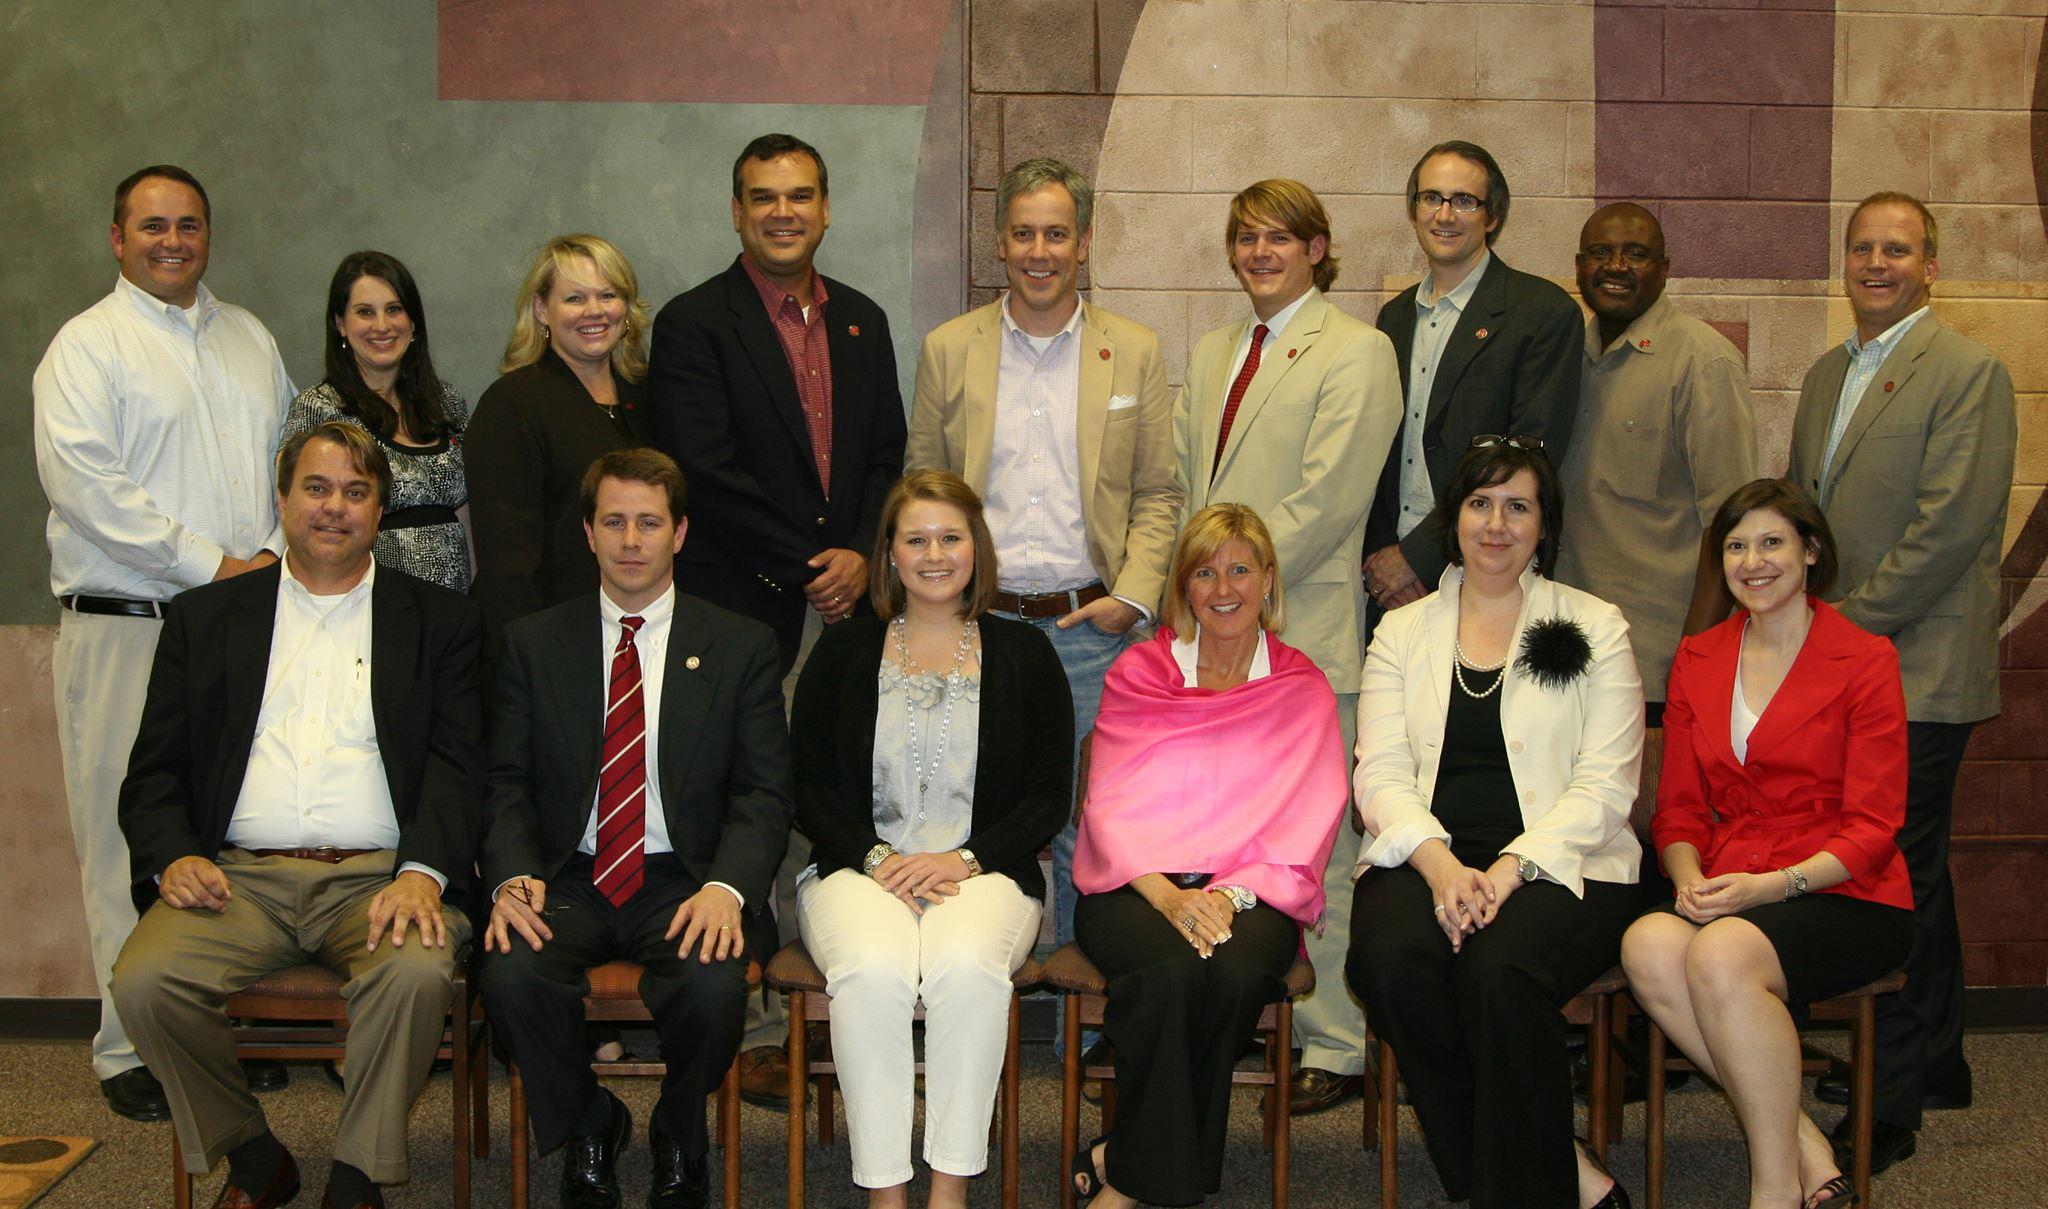 Members of the 2010 Grady Society Alumni Board